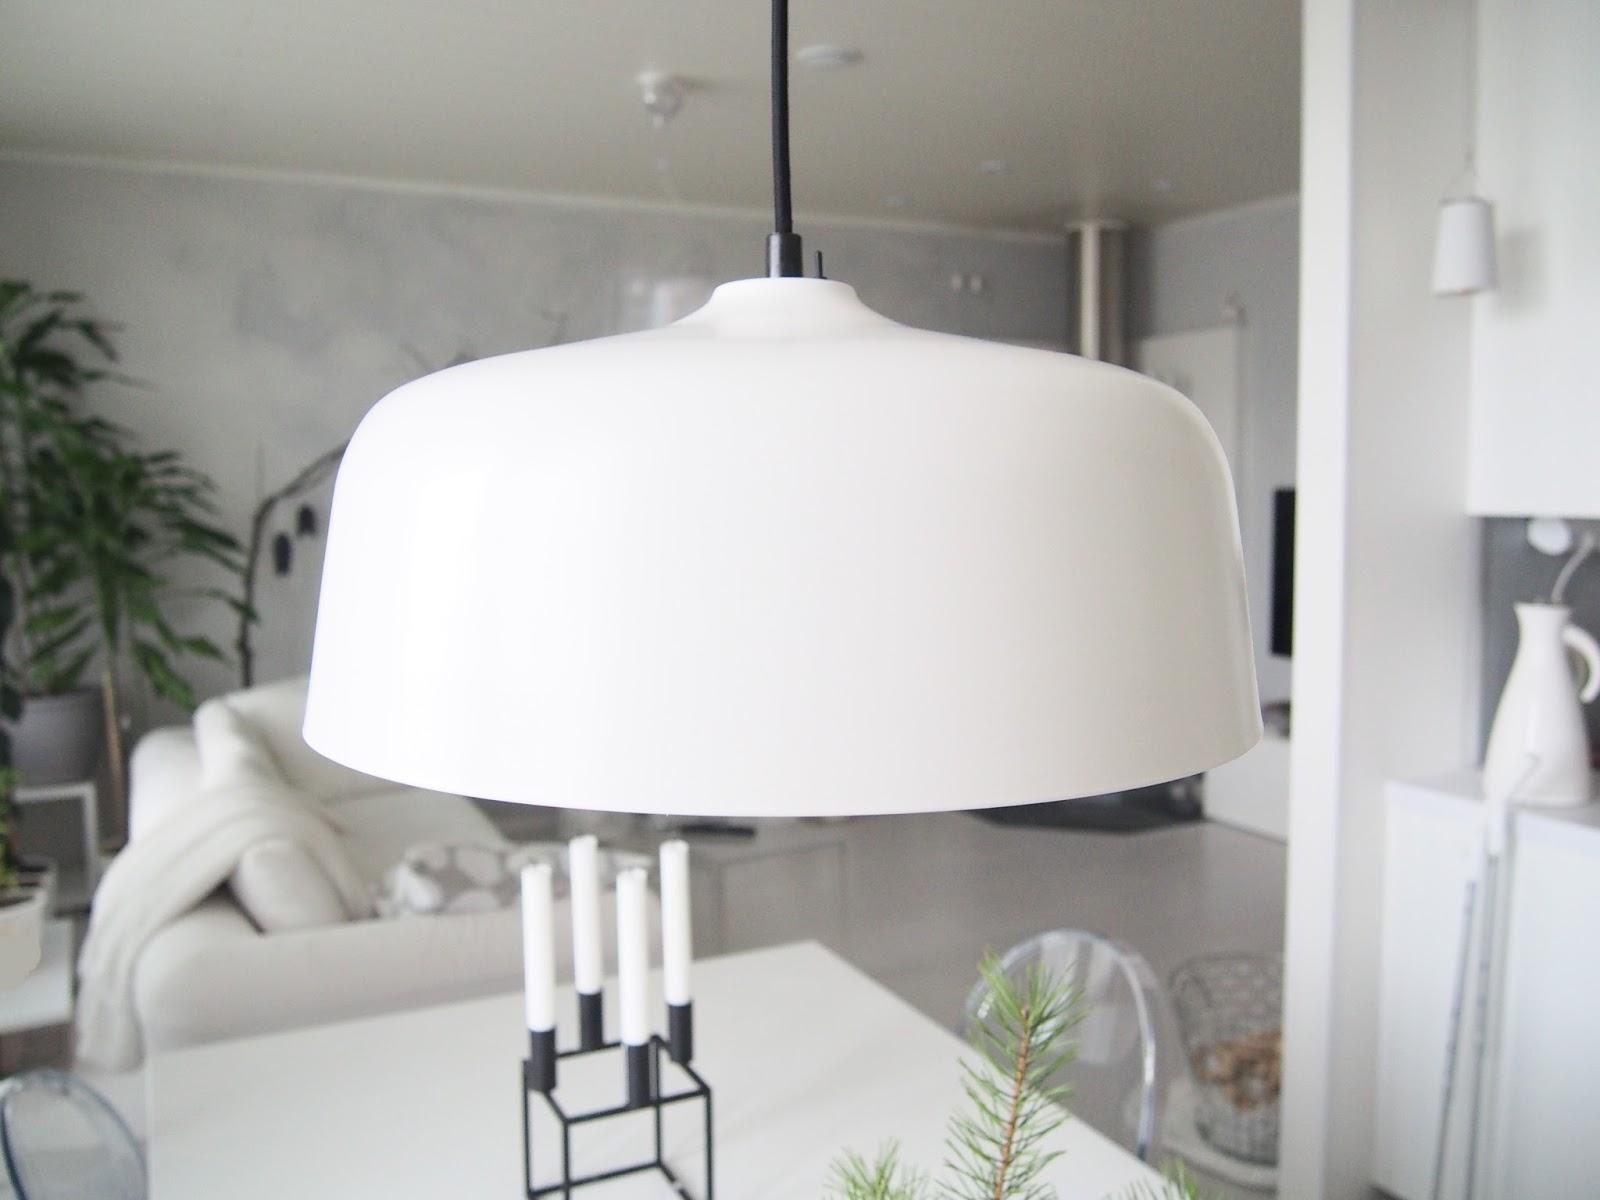 Keittiön loistava lamppu kirkasvalolaite!  Valkoisen vuoren rinteillä